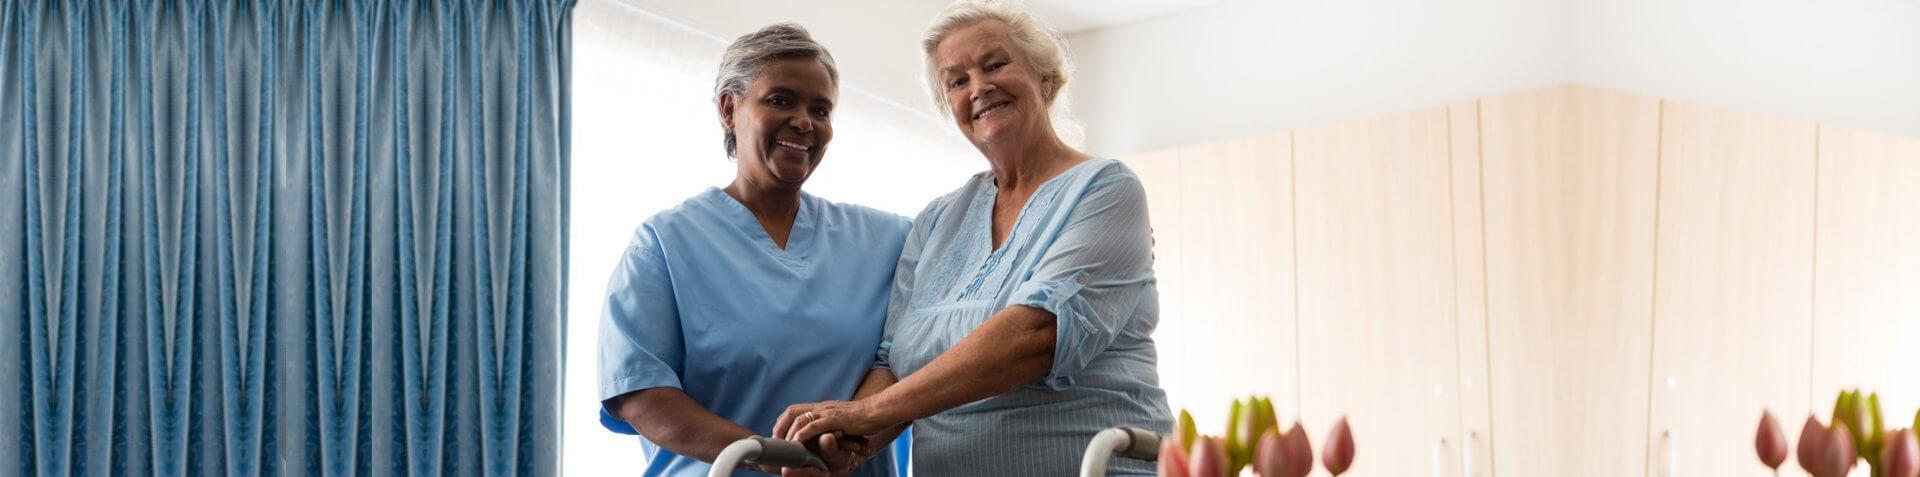 caretaker and woman smiling